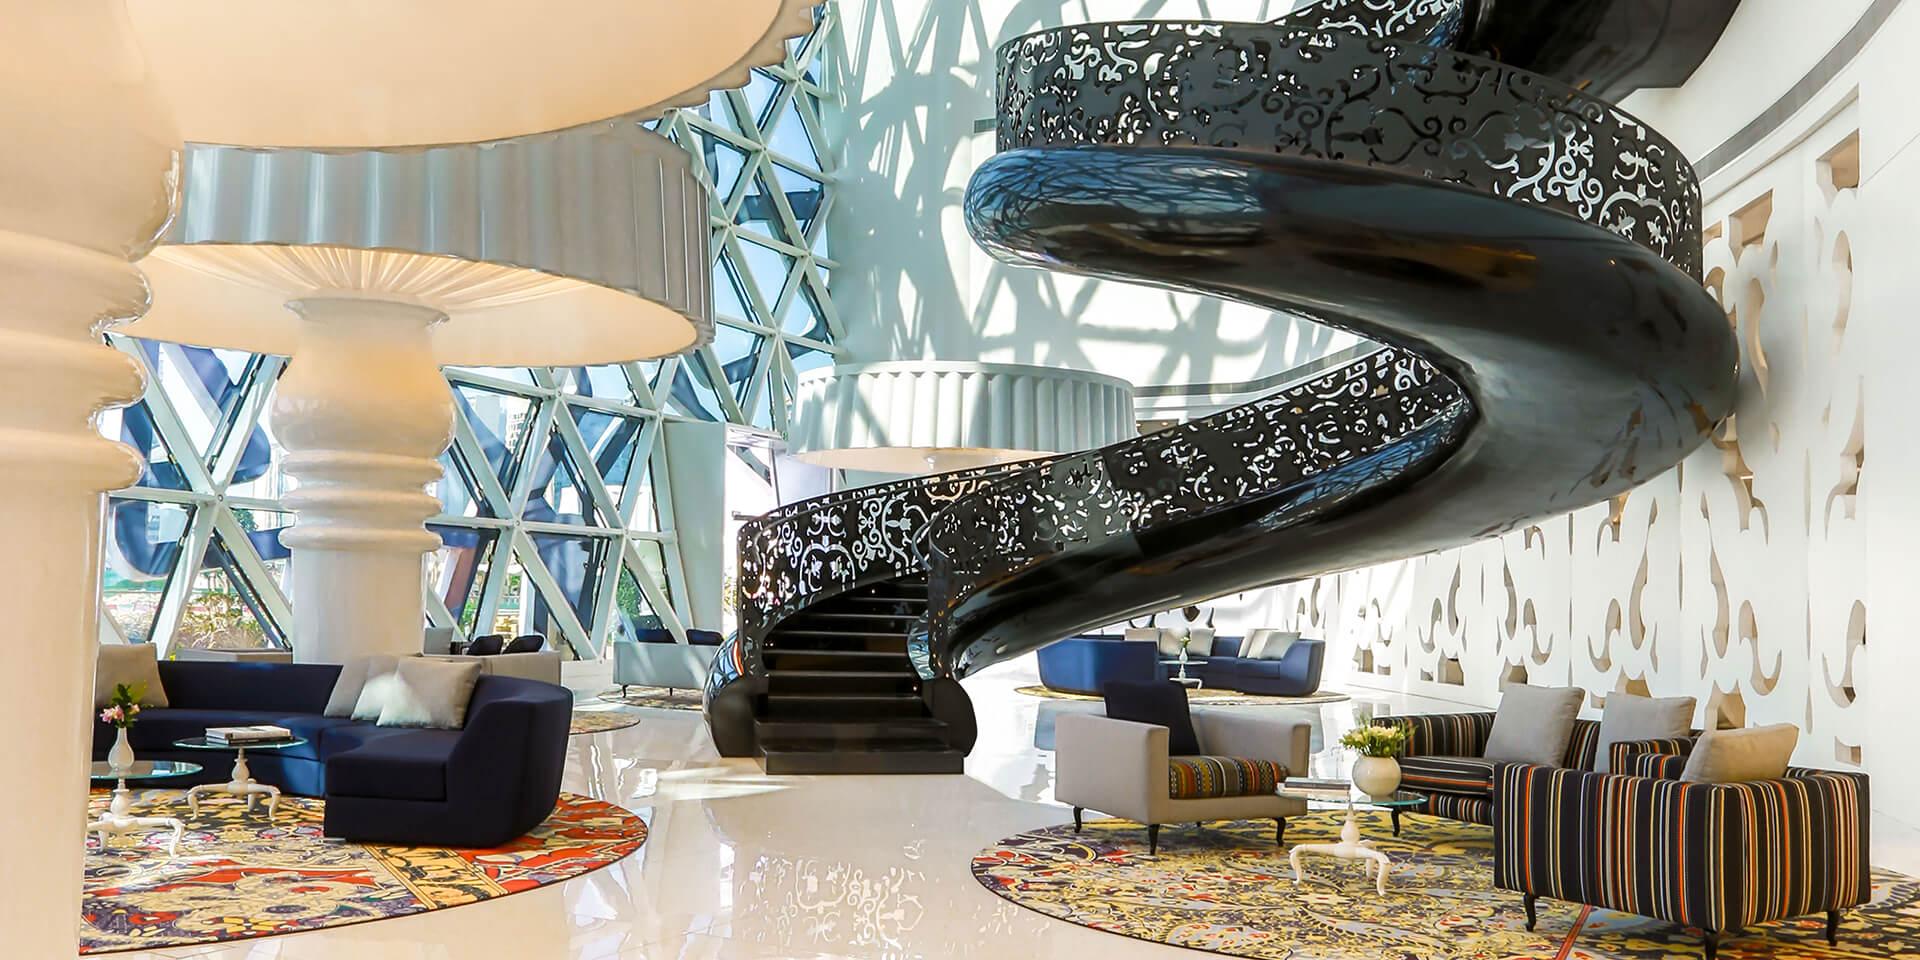 Top Interior Designers: Marcel Wanders